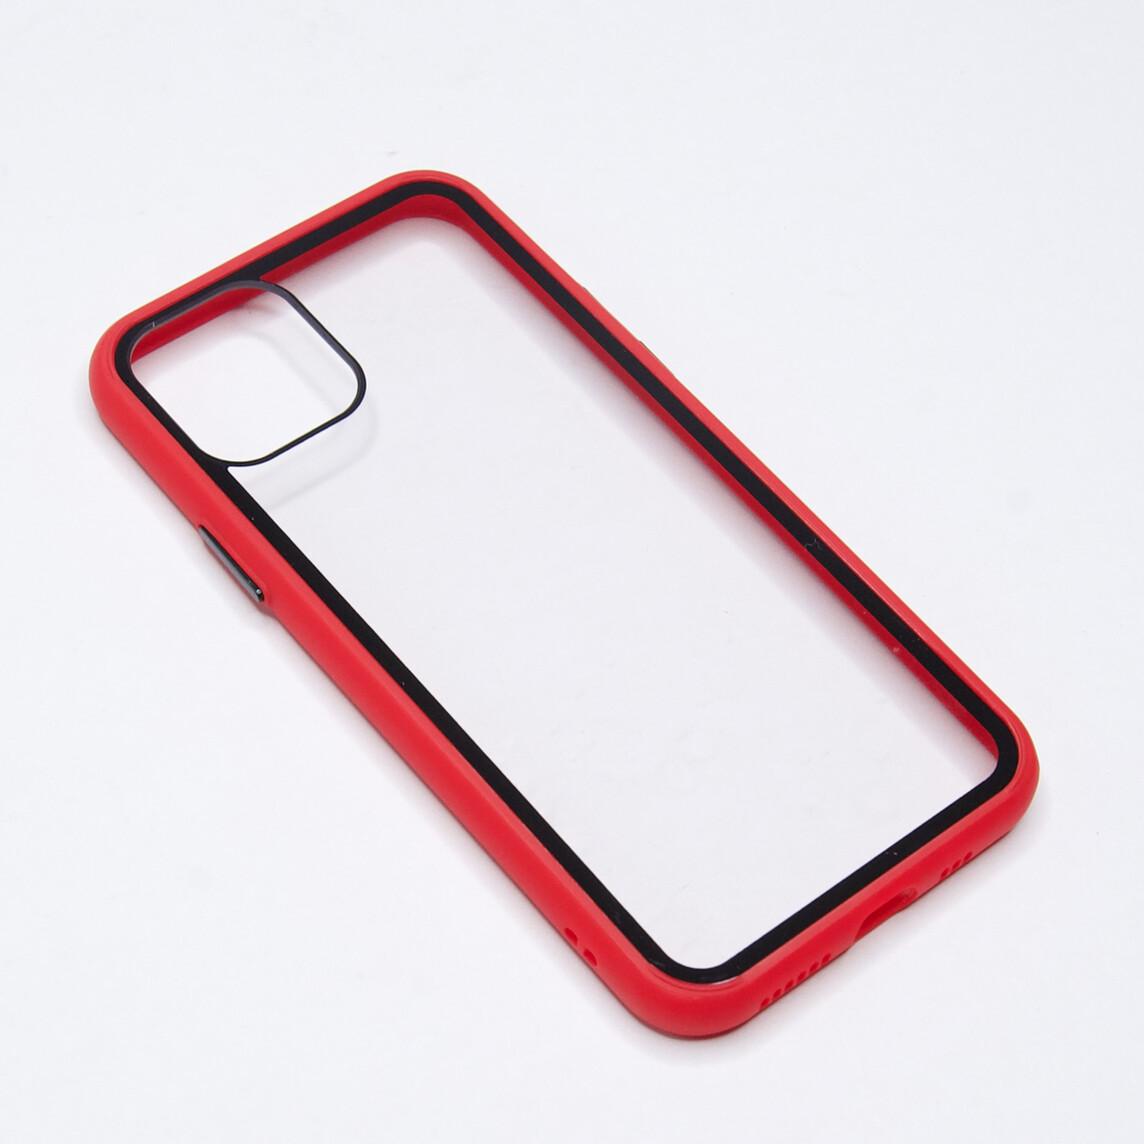 Estuche EL REY Marco De Color Rojo Y Parte De Atras Transparente - Iphone 11 Pro